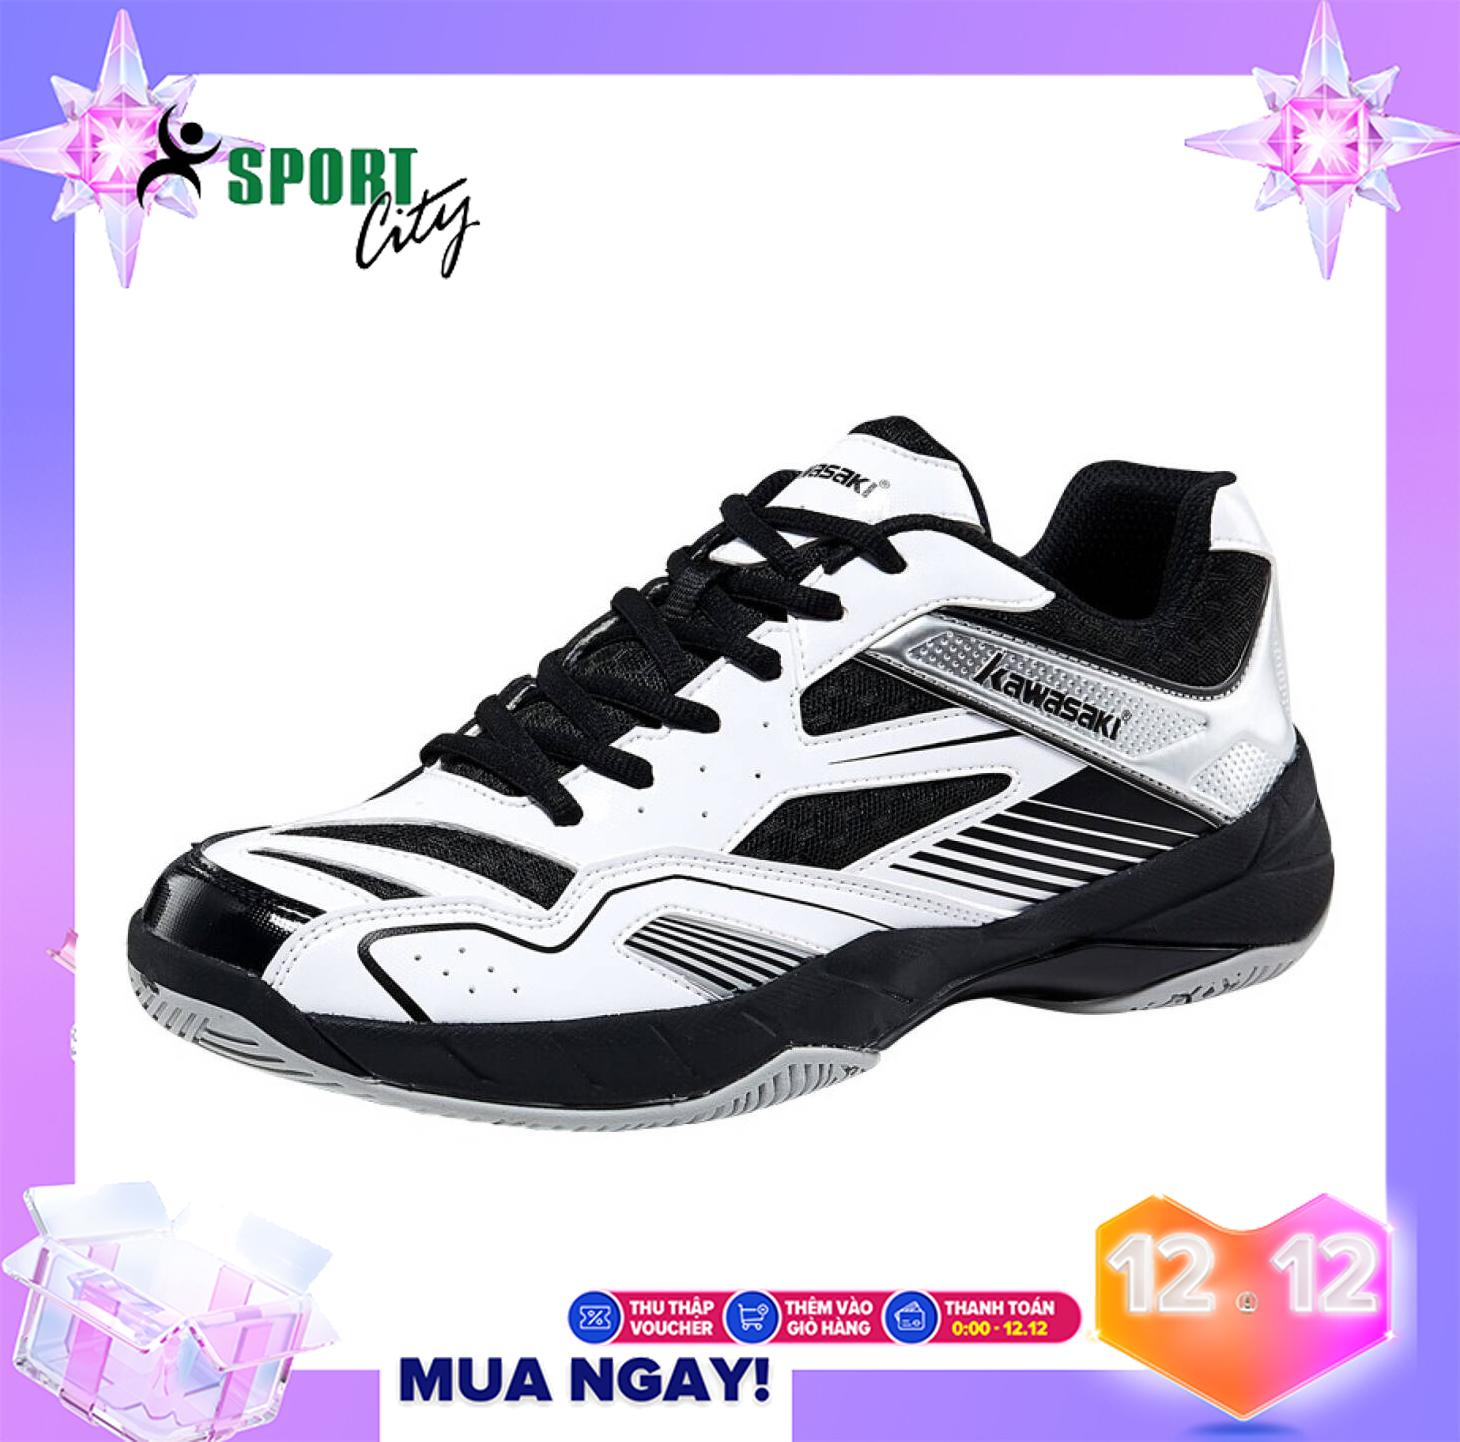 Giày thể thao nam cầu lông Kawasaki K159 chuyên nghiệp, màu xanh và màu trắng , Bảo hành toàn quốc , bền và êm chân - Giày bóng chuyền Kawasaki